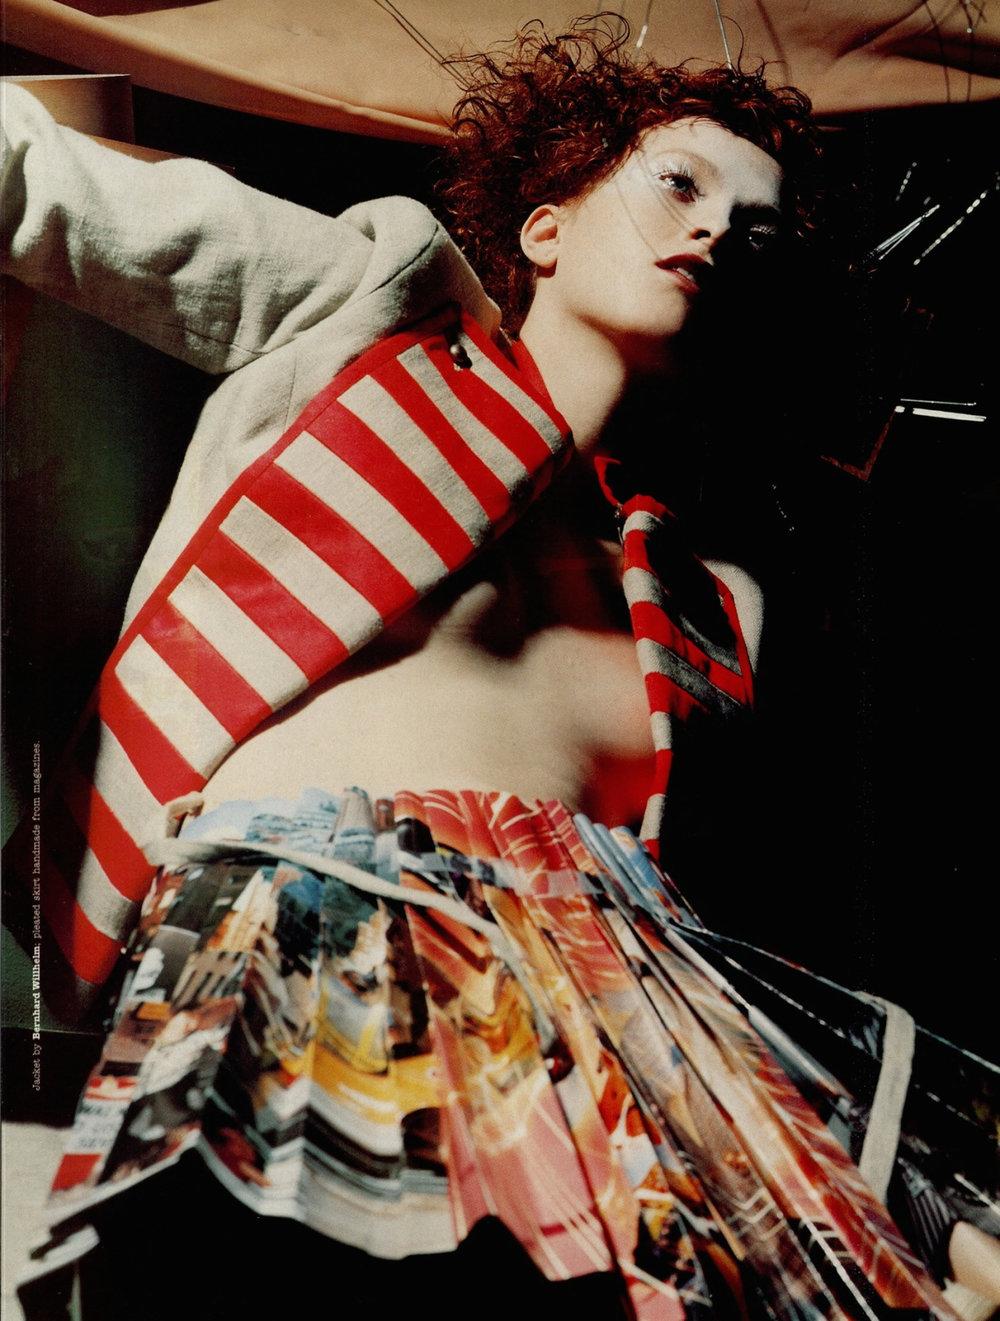 Dazed and Confused : 2002 : Photographer : Yelena Yemchuk